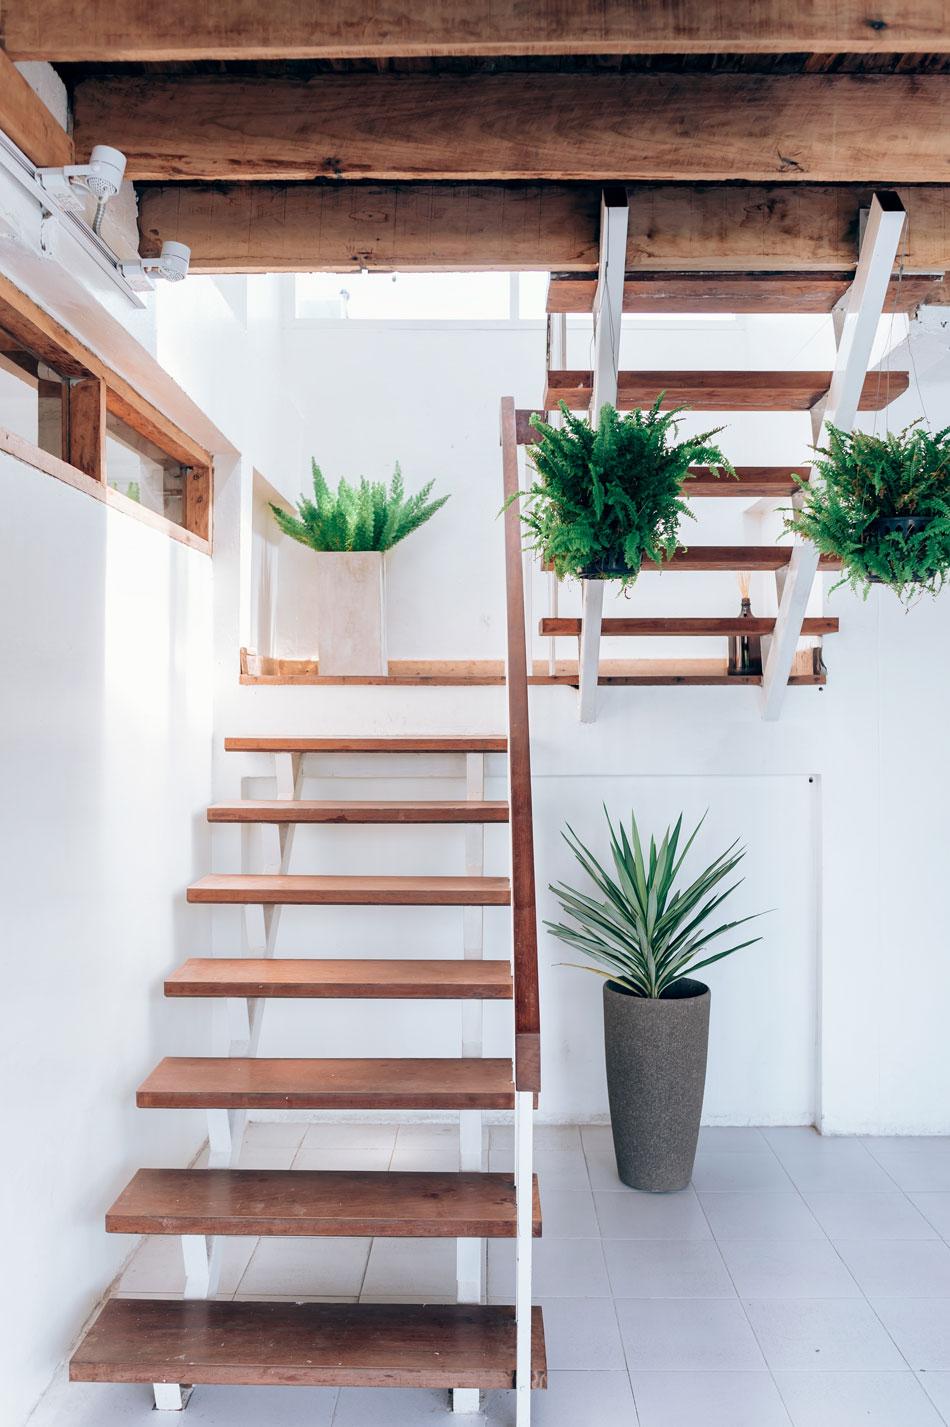 Jak Odnowić Stare Drewniane Schody I Poręcze Farby śnieżka